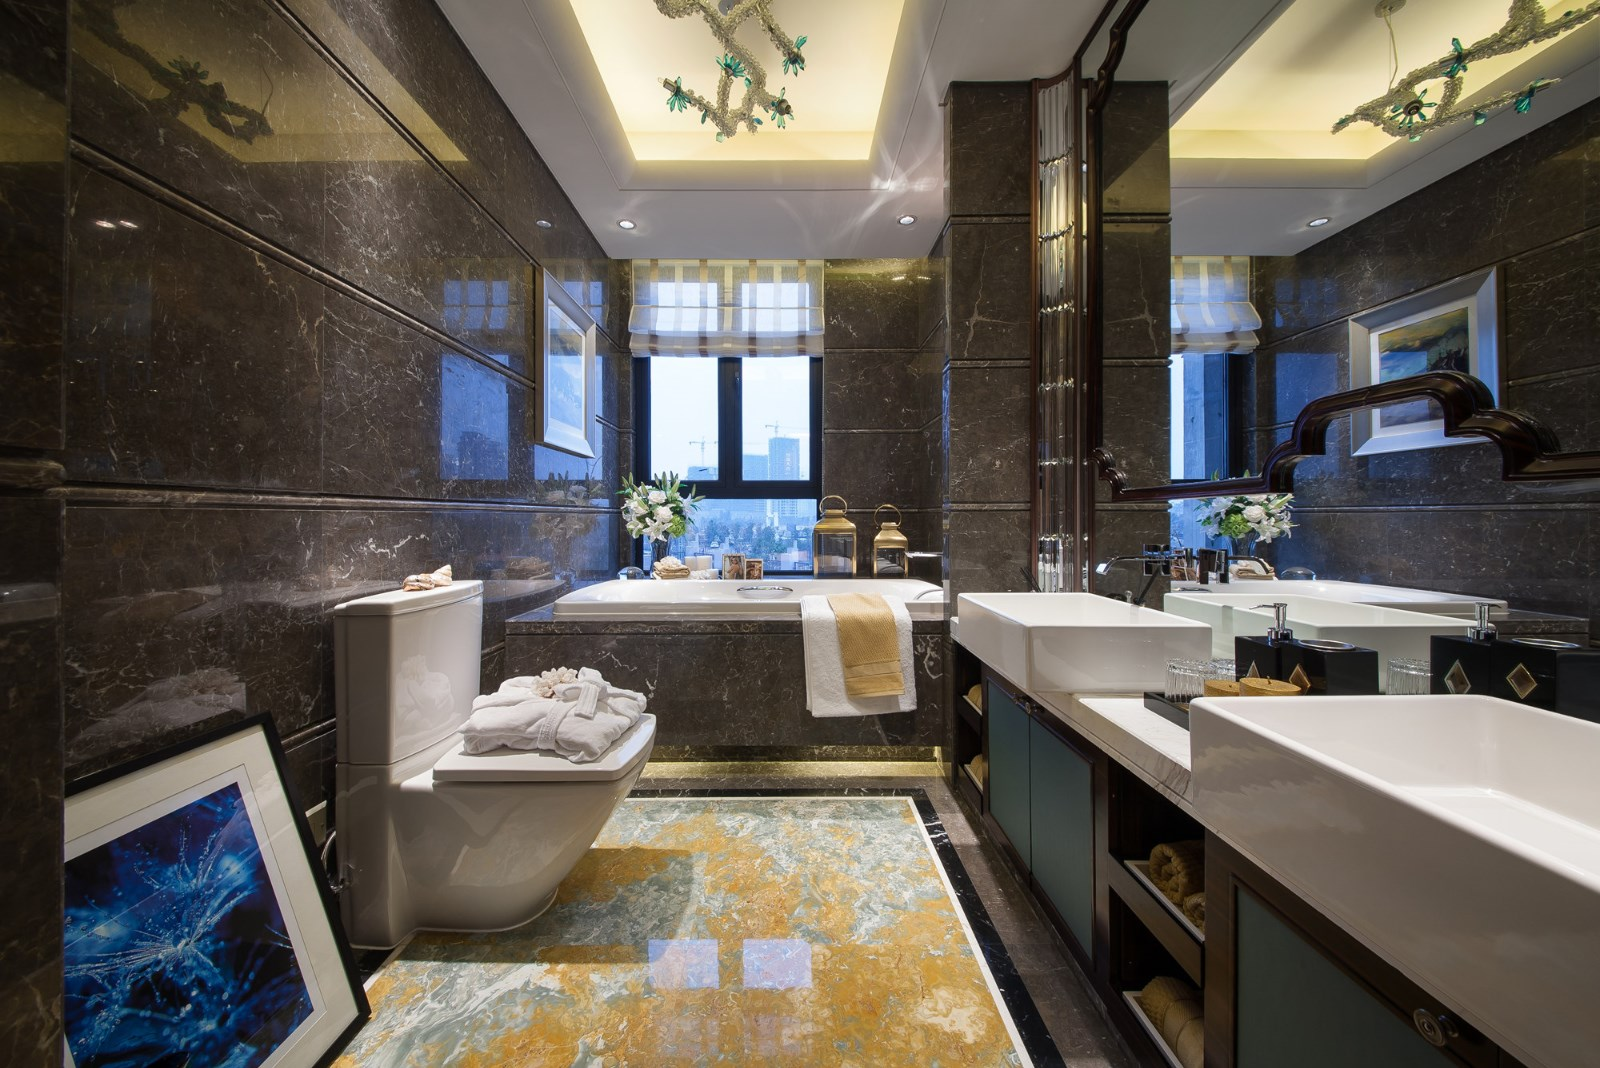 卫生间双台设计,方便一家人的正常使用;每天下班之后泡一个美美的澡澡,也是非常惬意舒适的~